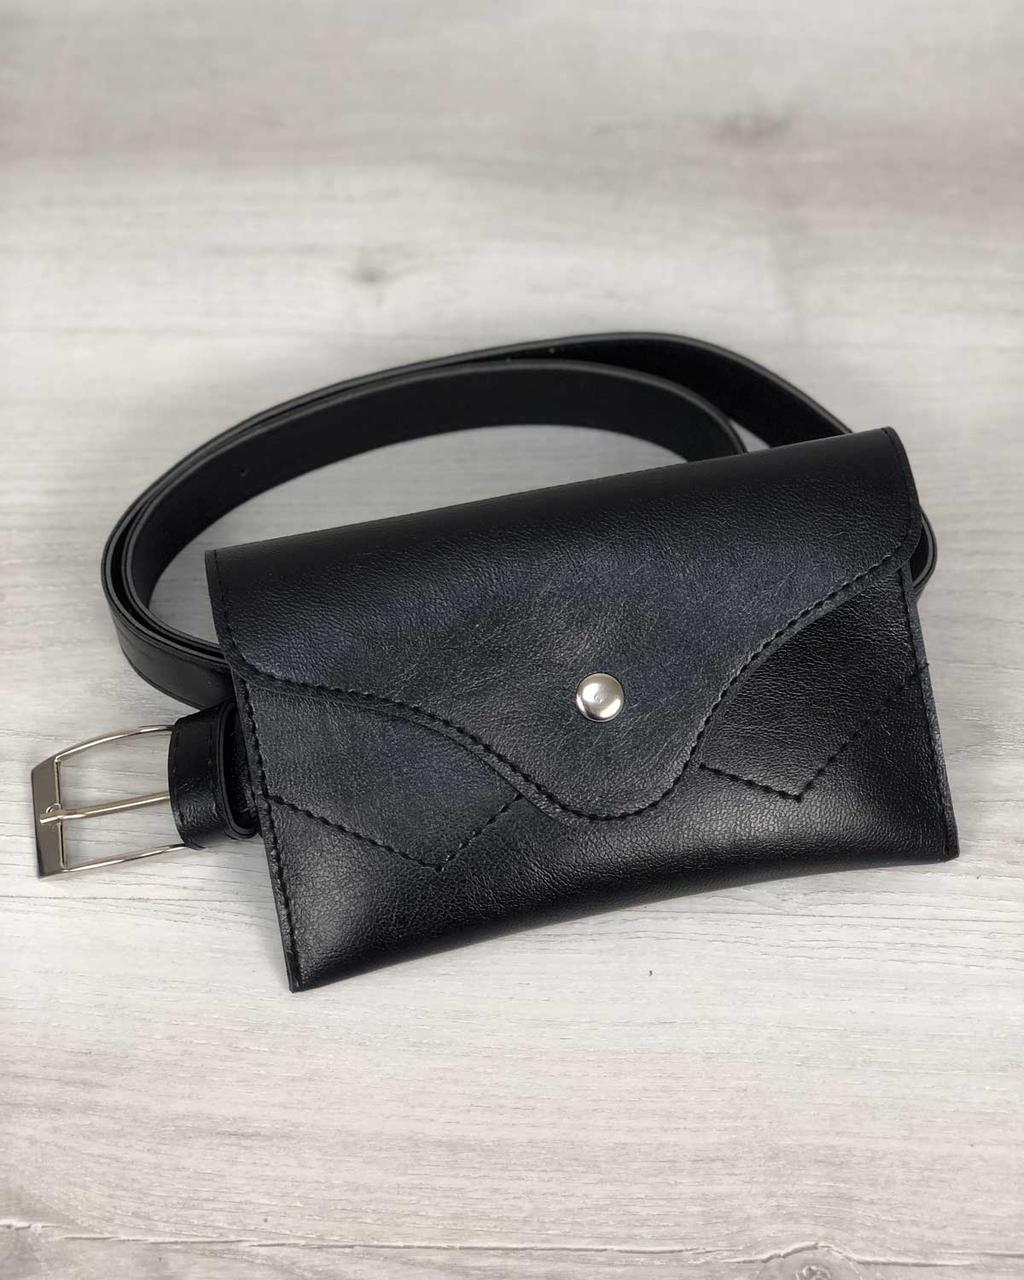 4414962b4 Черная сумочка-клатч на пояс 99154 маленькая на кнопке - Интернет магазин  сумок SUMKOFF -